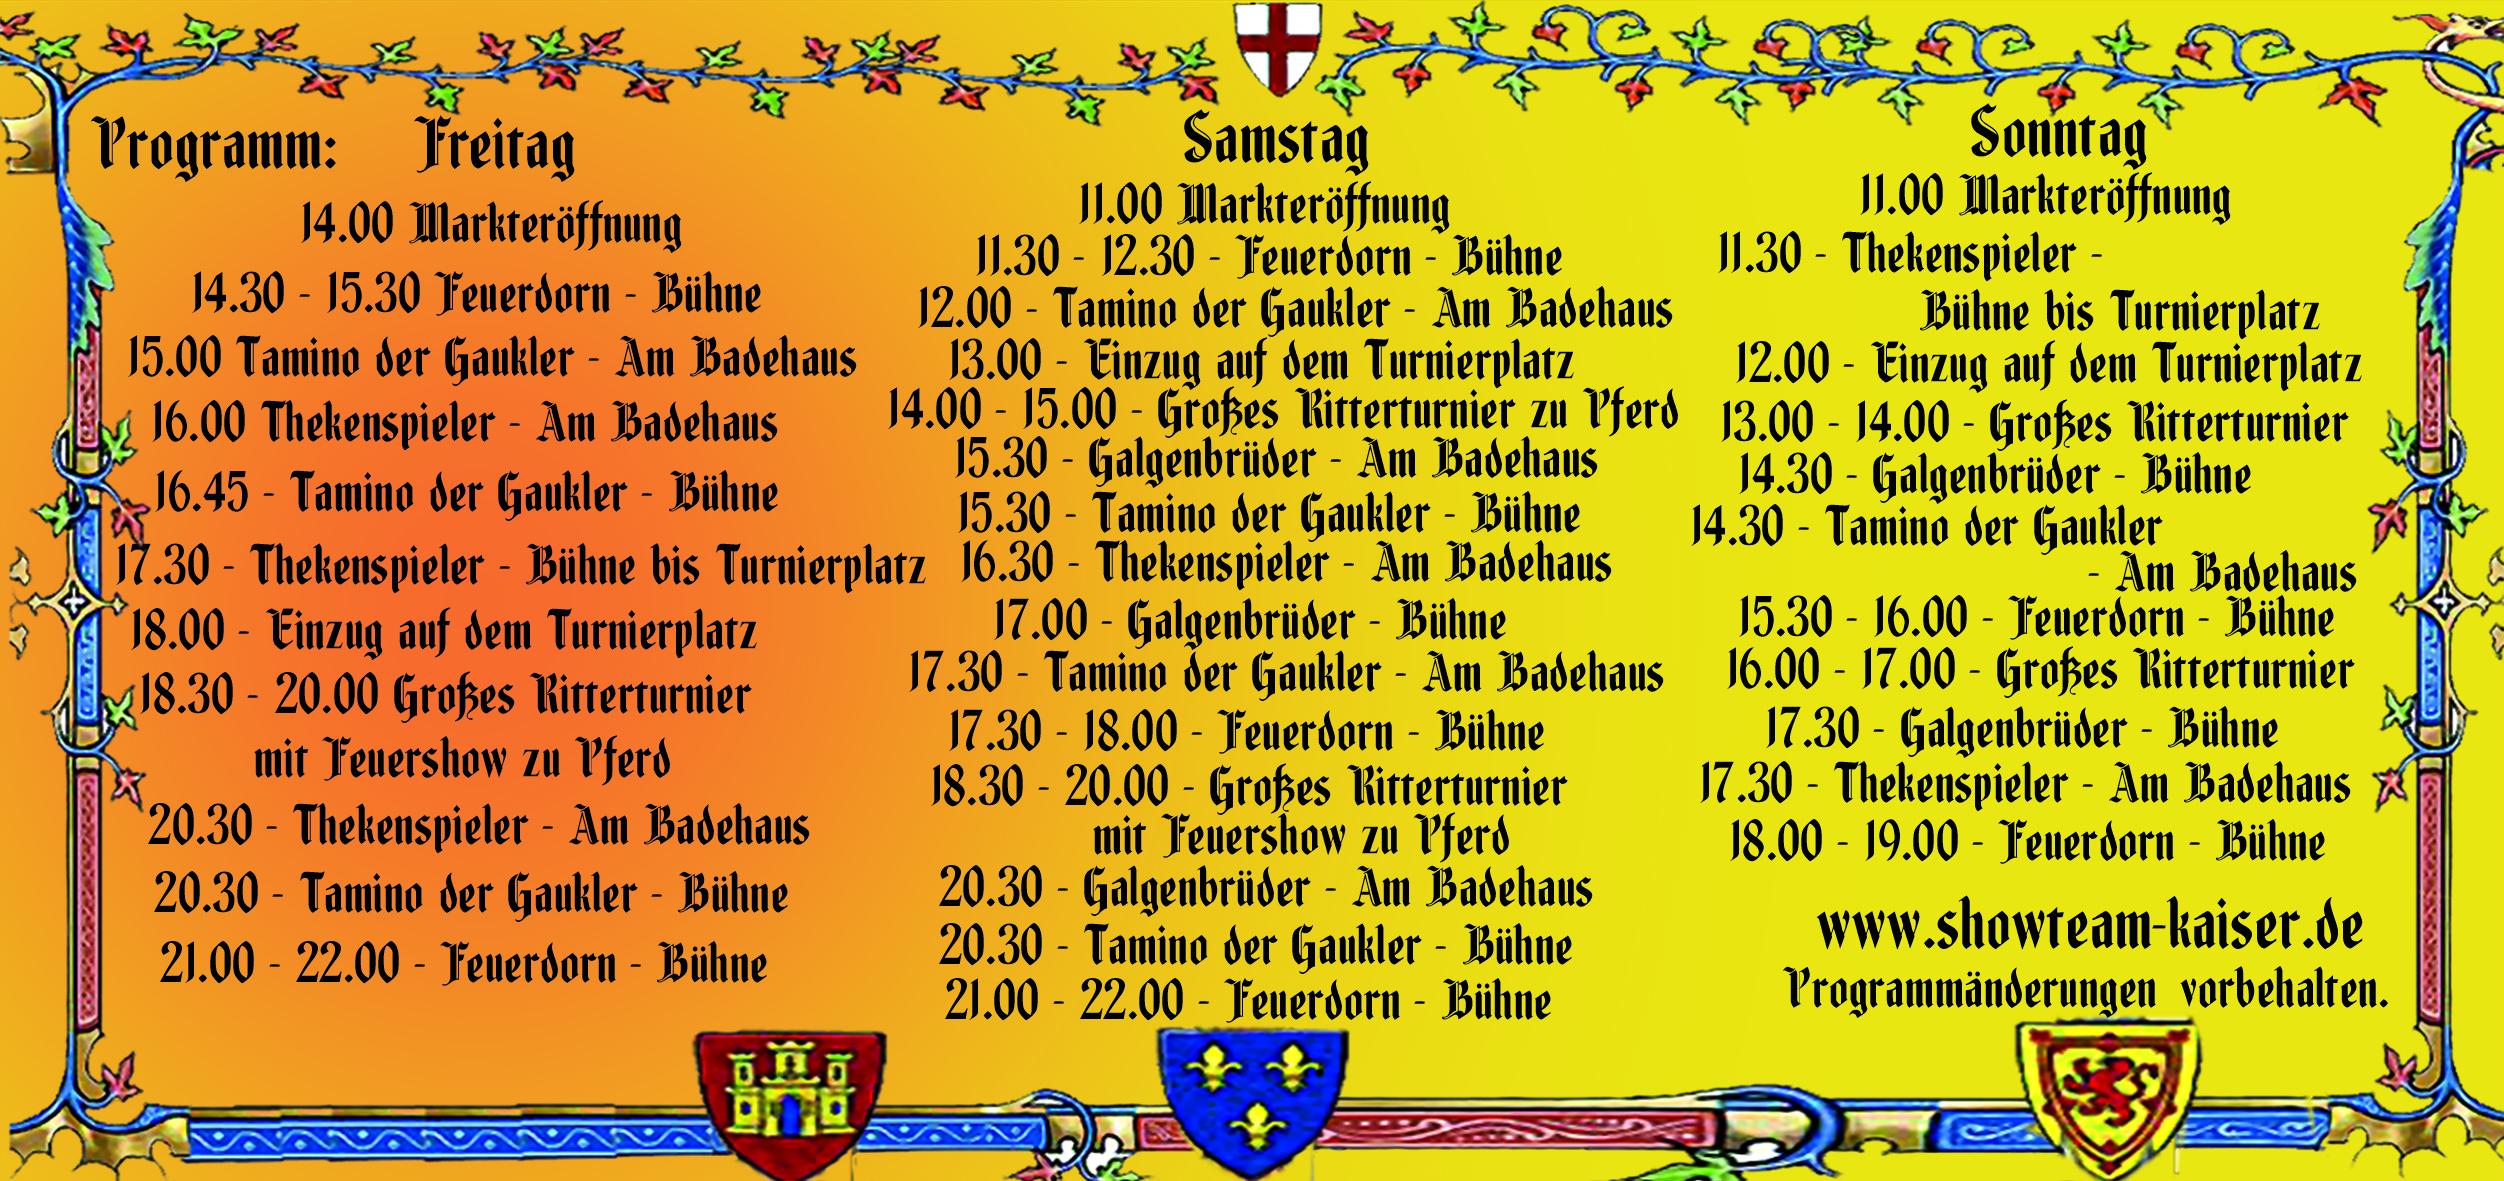 Programm Düsseldorf - Eller Mittelaltermarkt